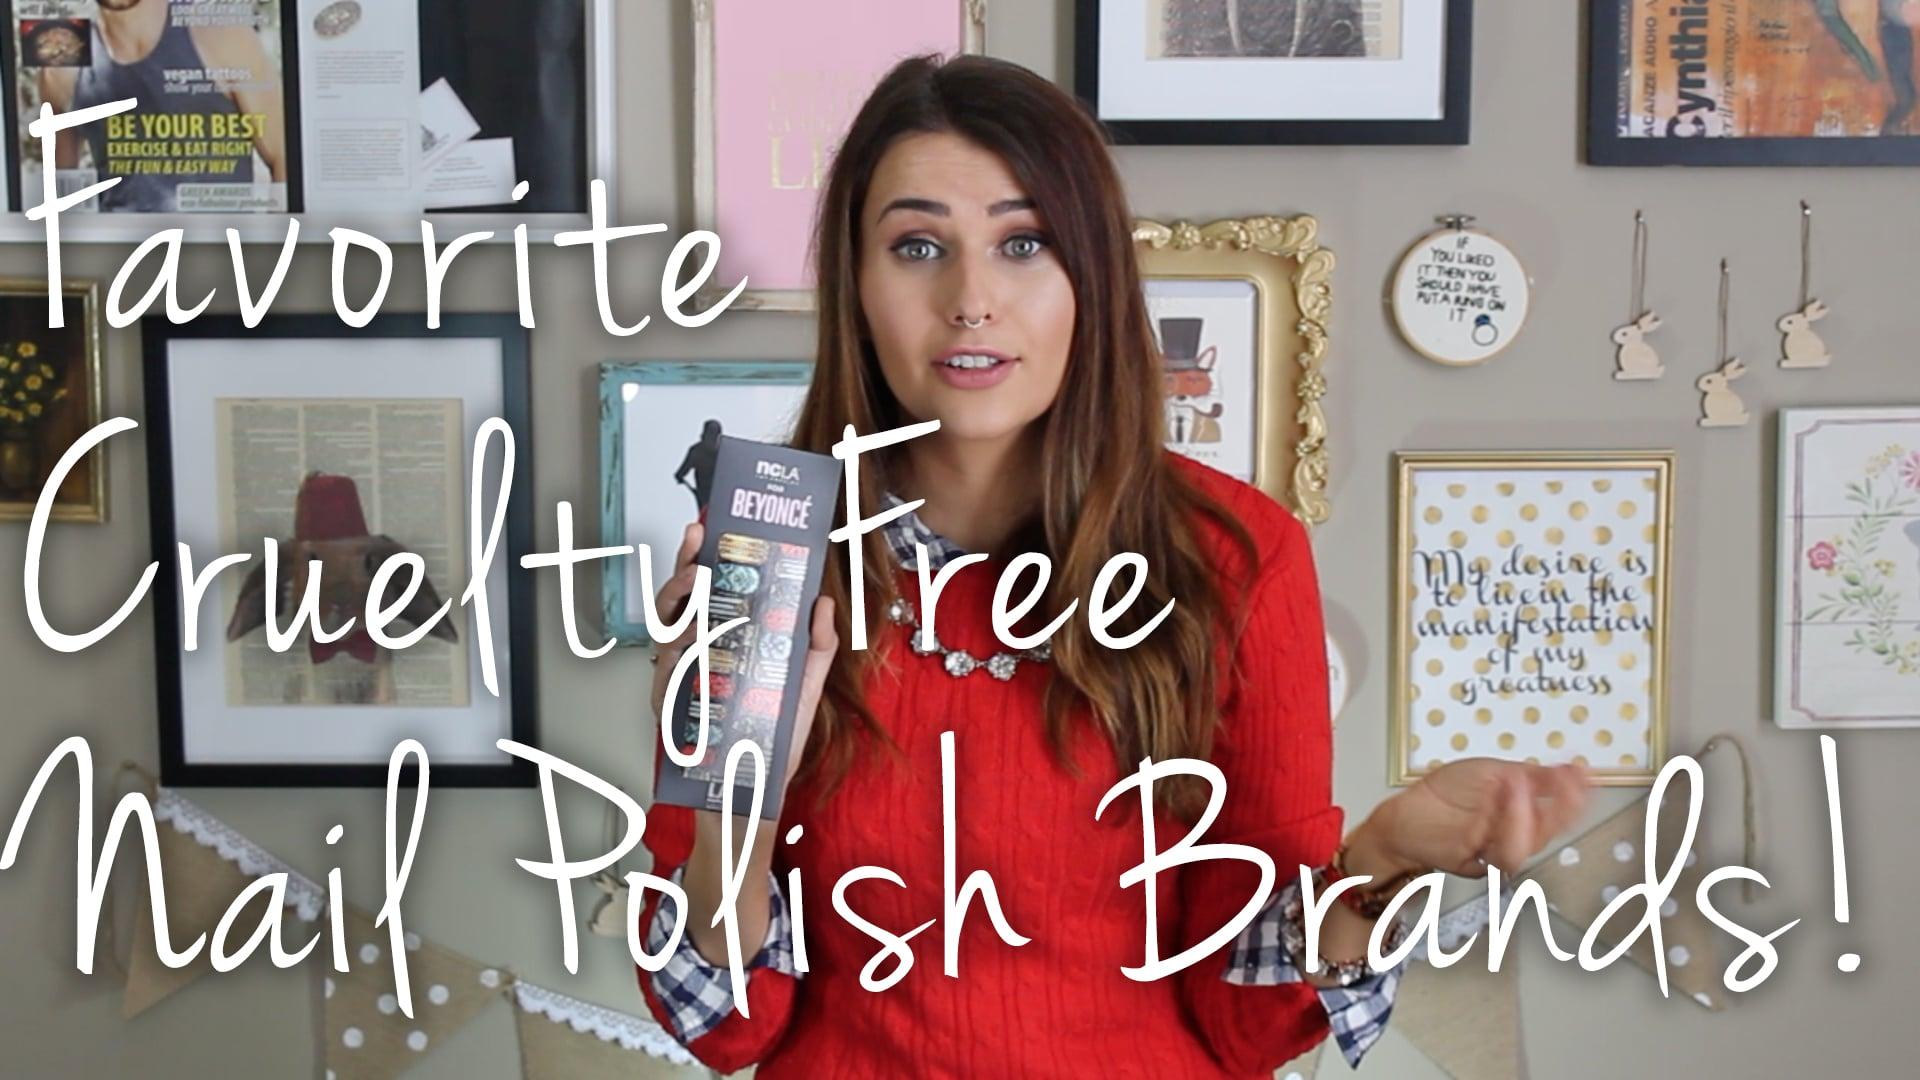 My Favorite Cruelty Free & Vegan Nail Polish Brands